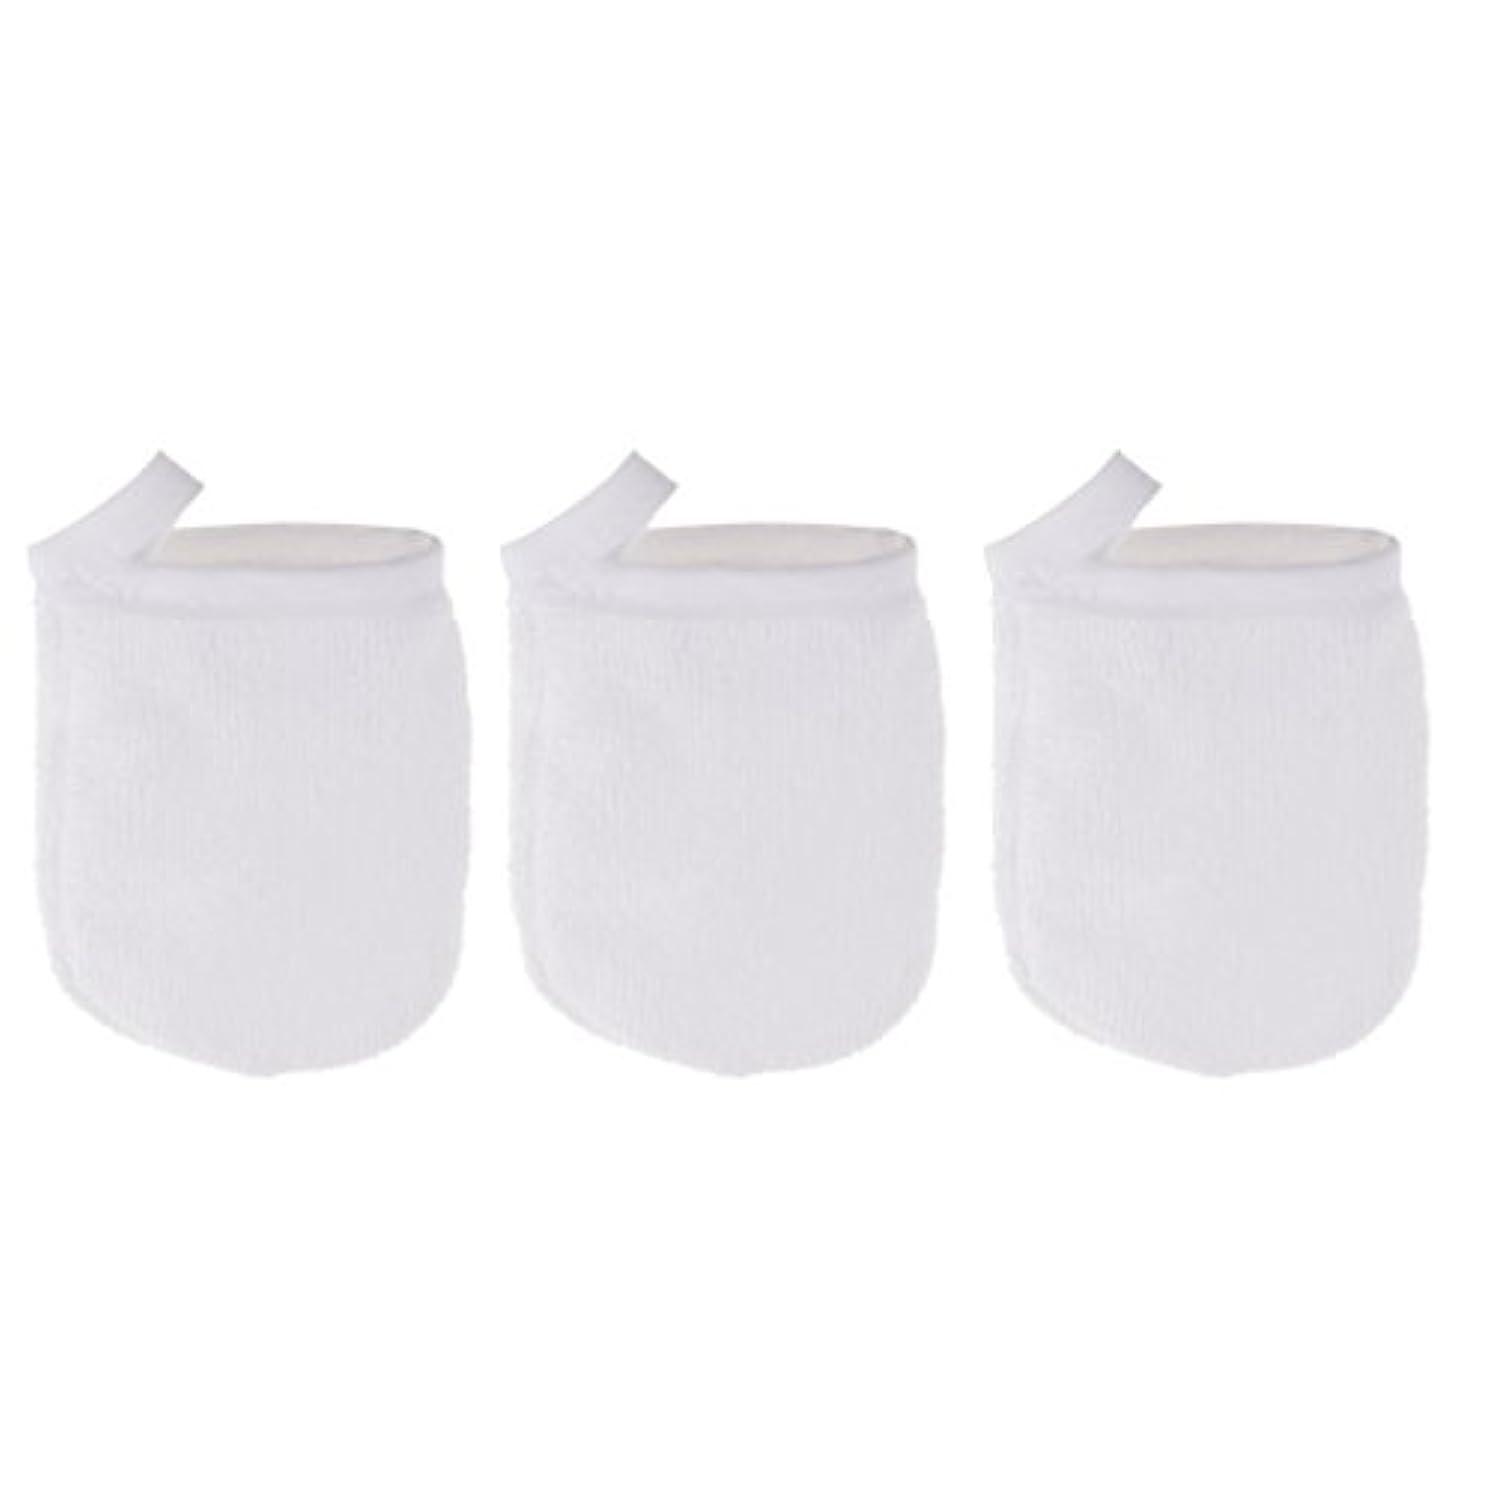 カブボア海港Perfk 3個 クレンジンググローブ 手袋 洗顔グローブ 肌に気持ちいい フェイシャル 美容 ソフト マイクロファイバー グローブ メイクリムーバークロス 再使用可能